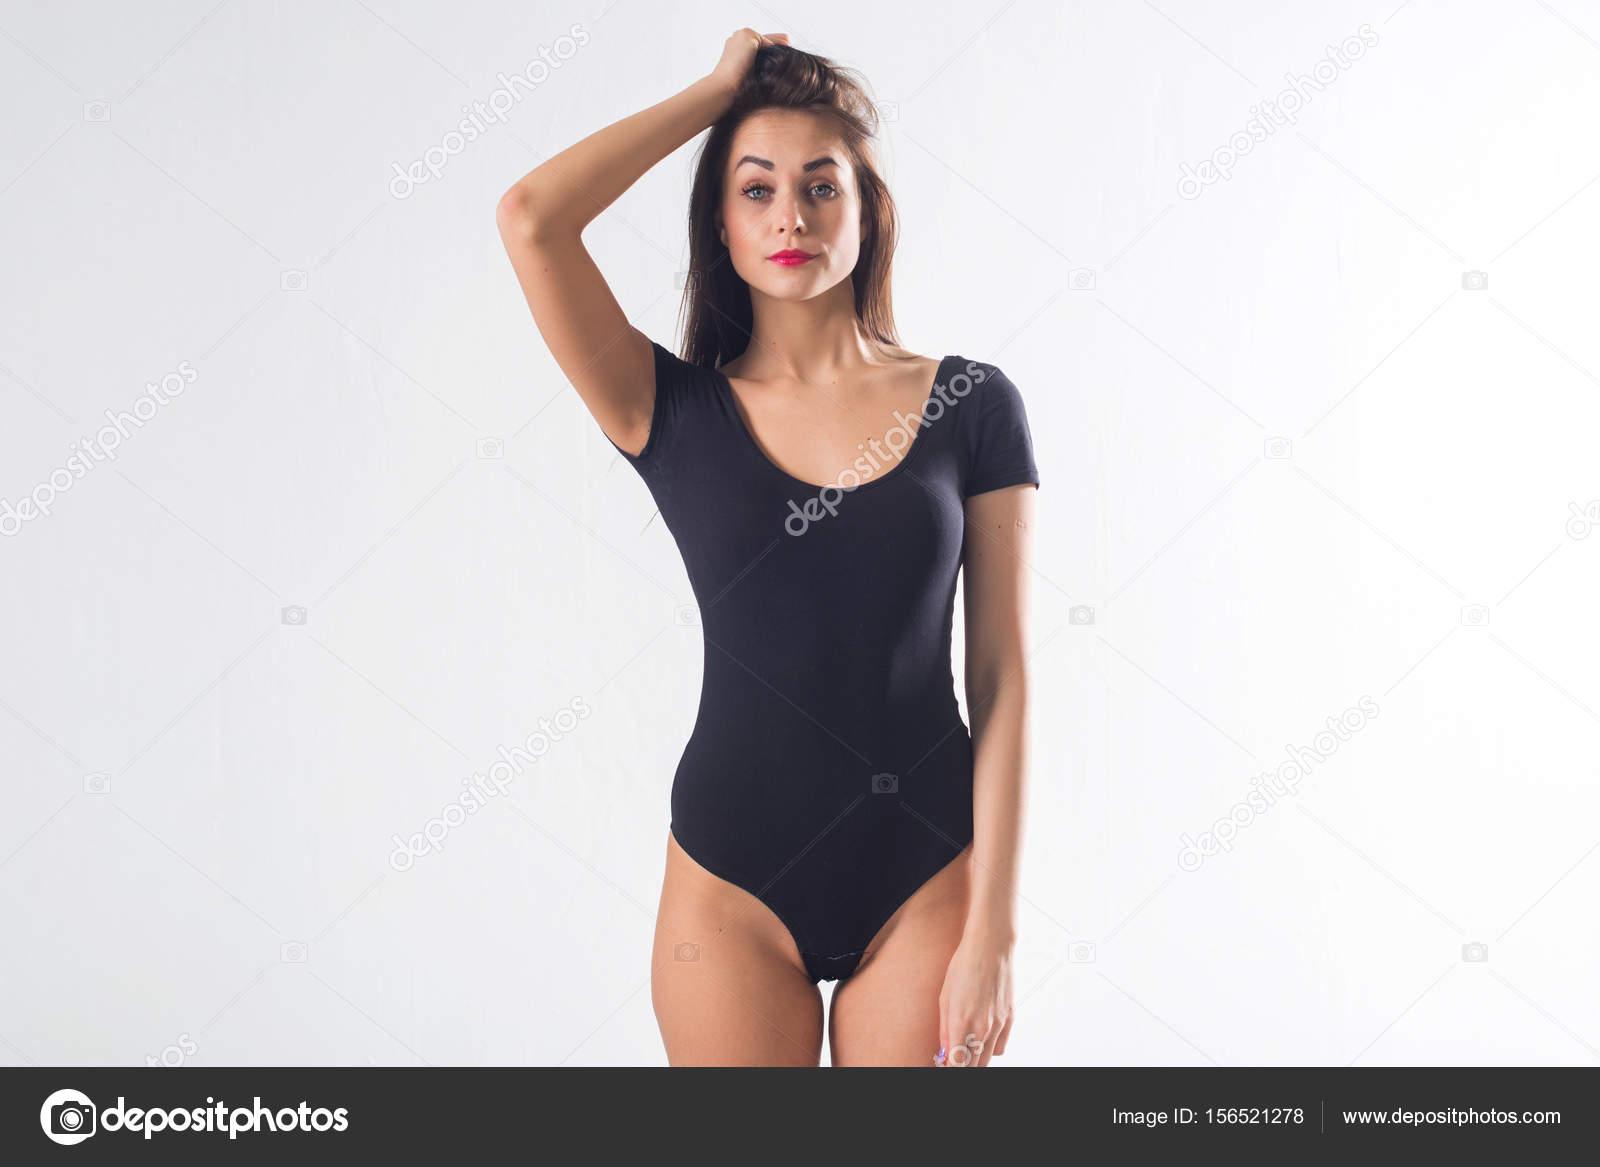 cute brunette female model posing, wearing black one piece underwear